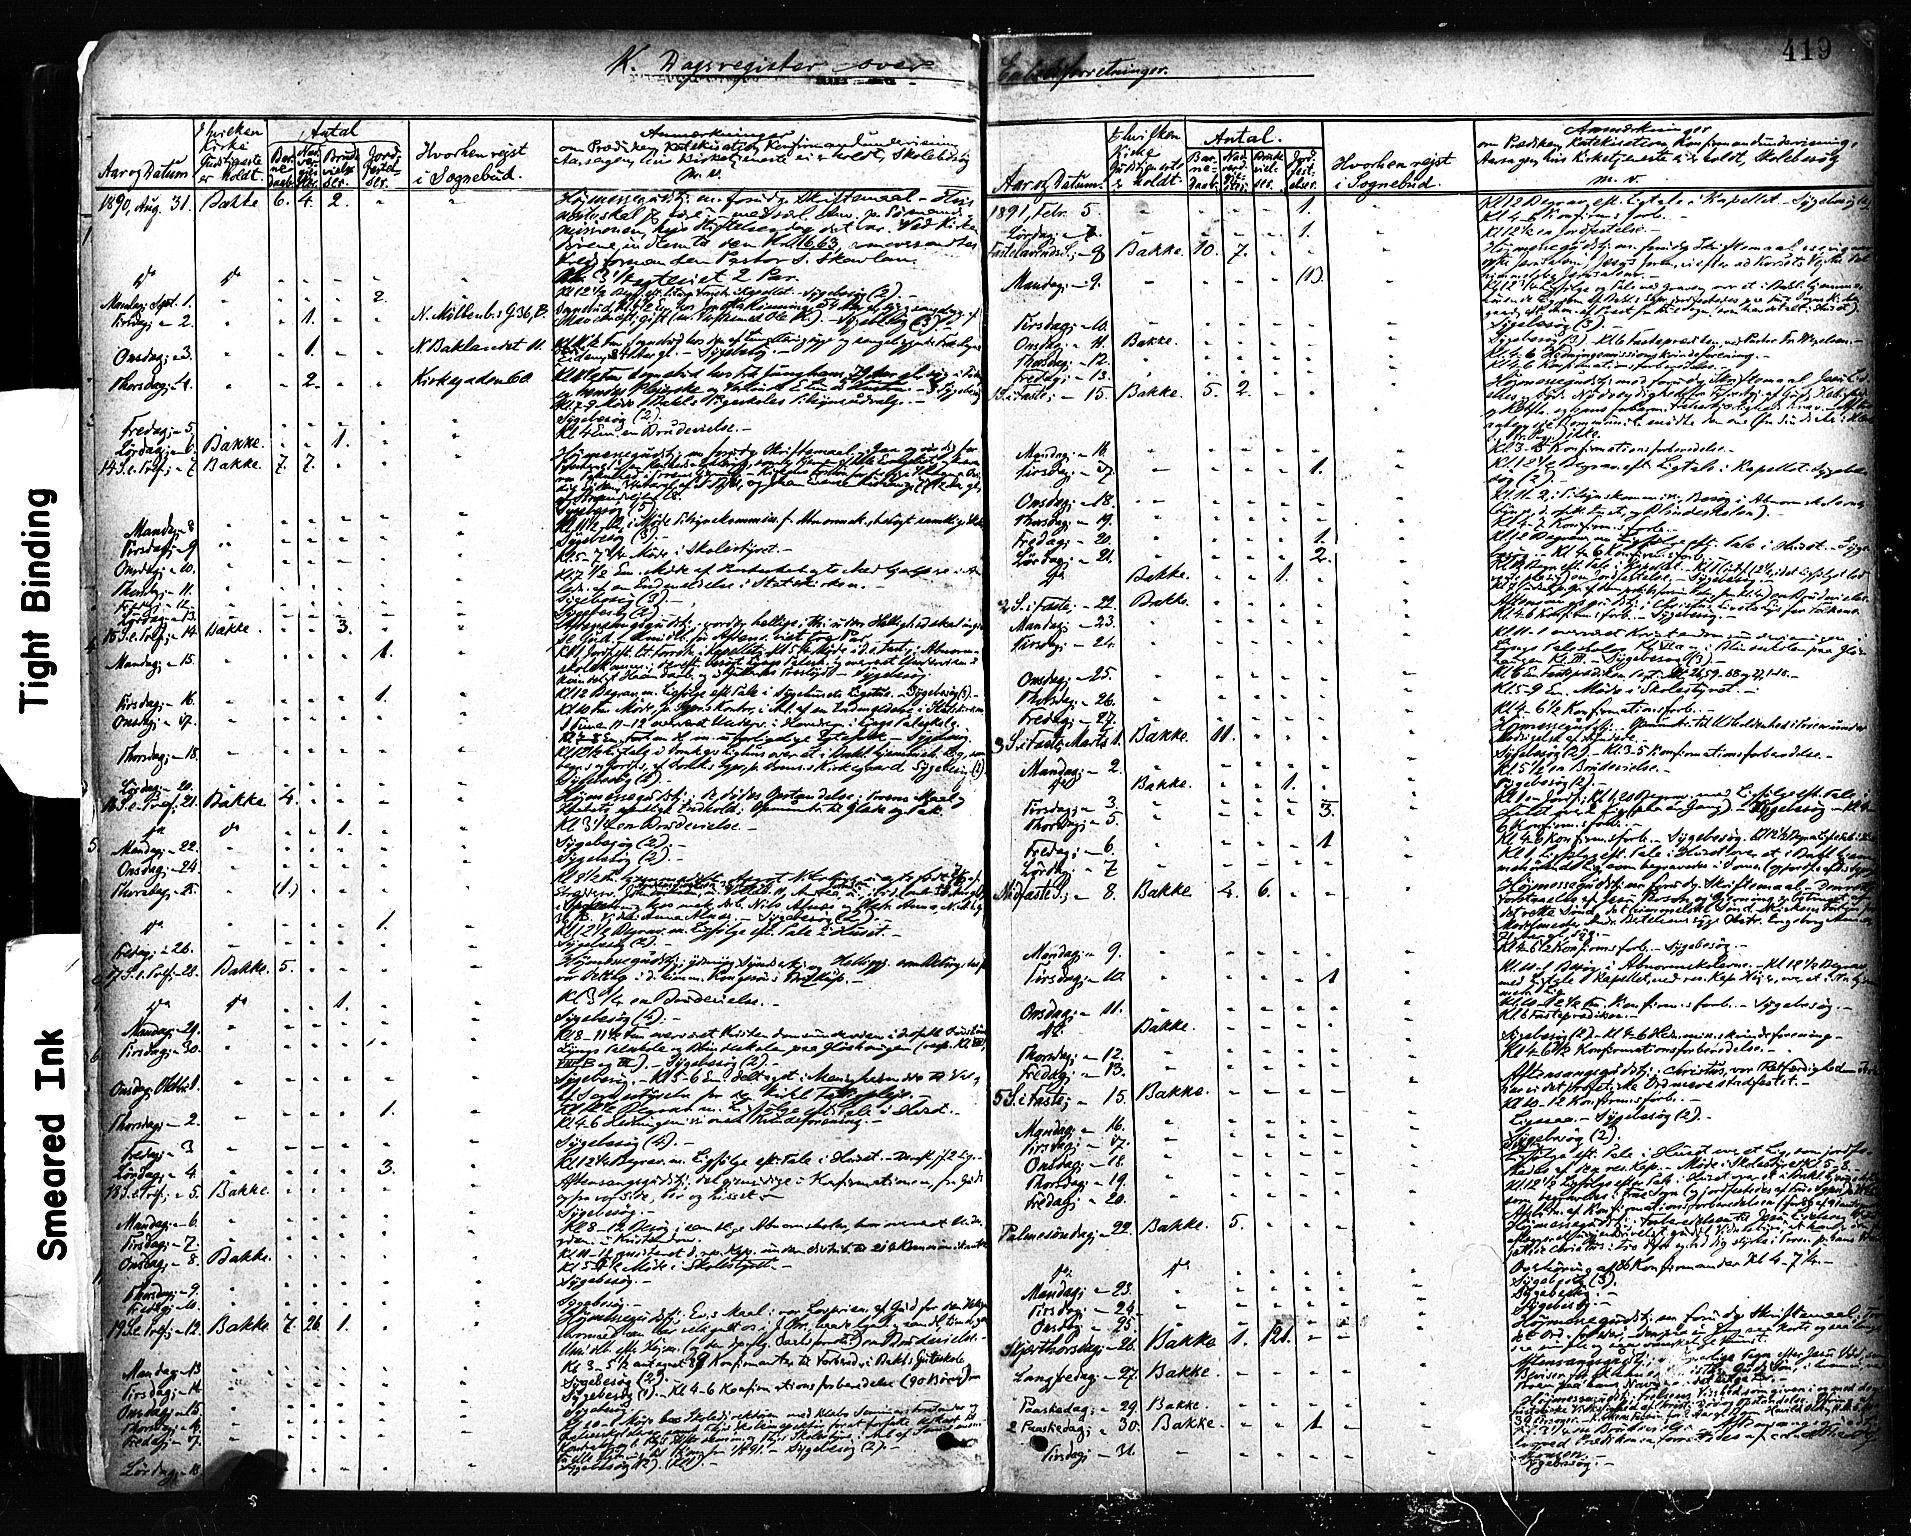 SAT, Ministerialprotokoller, klokkerbøker og fødselsregistre - Sør-Trøndelag, 604/L0189: Ministerialbok nr. 604A10, 1878-1892, s. 419